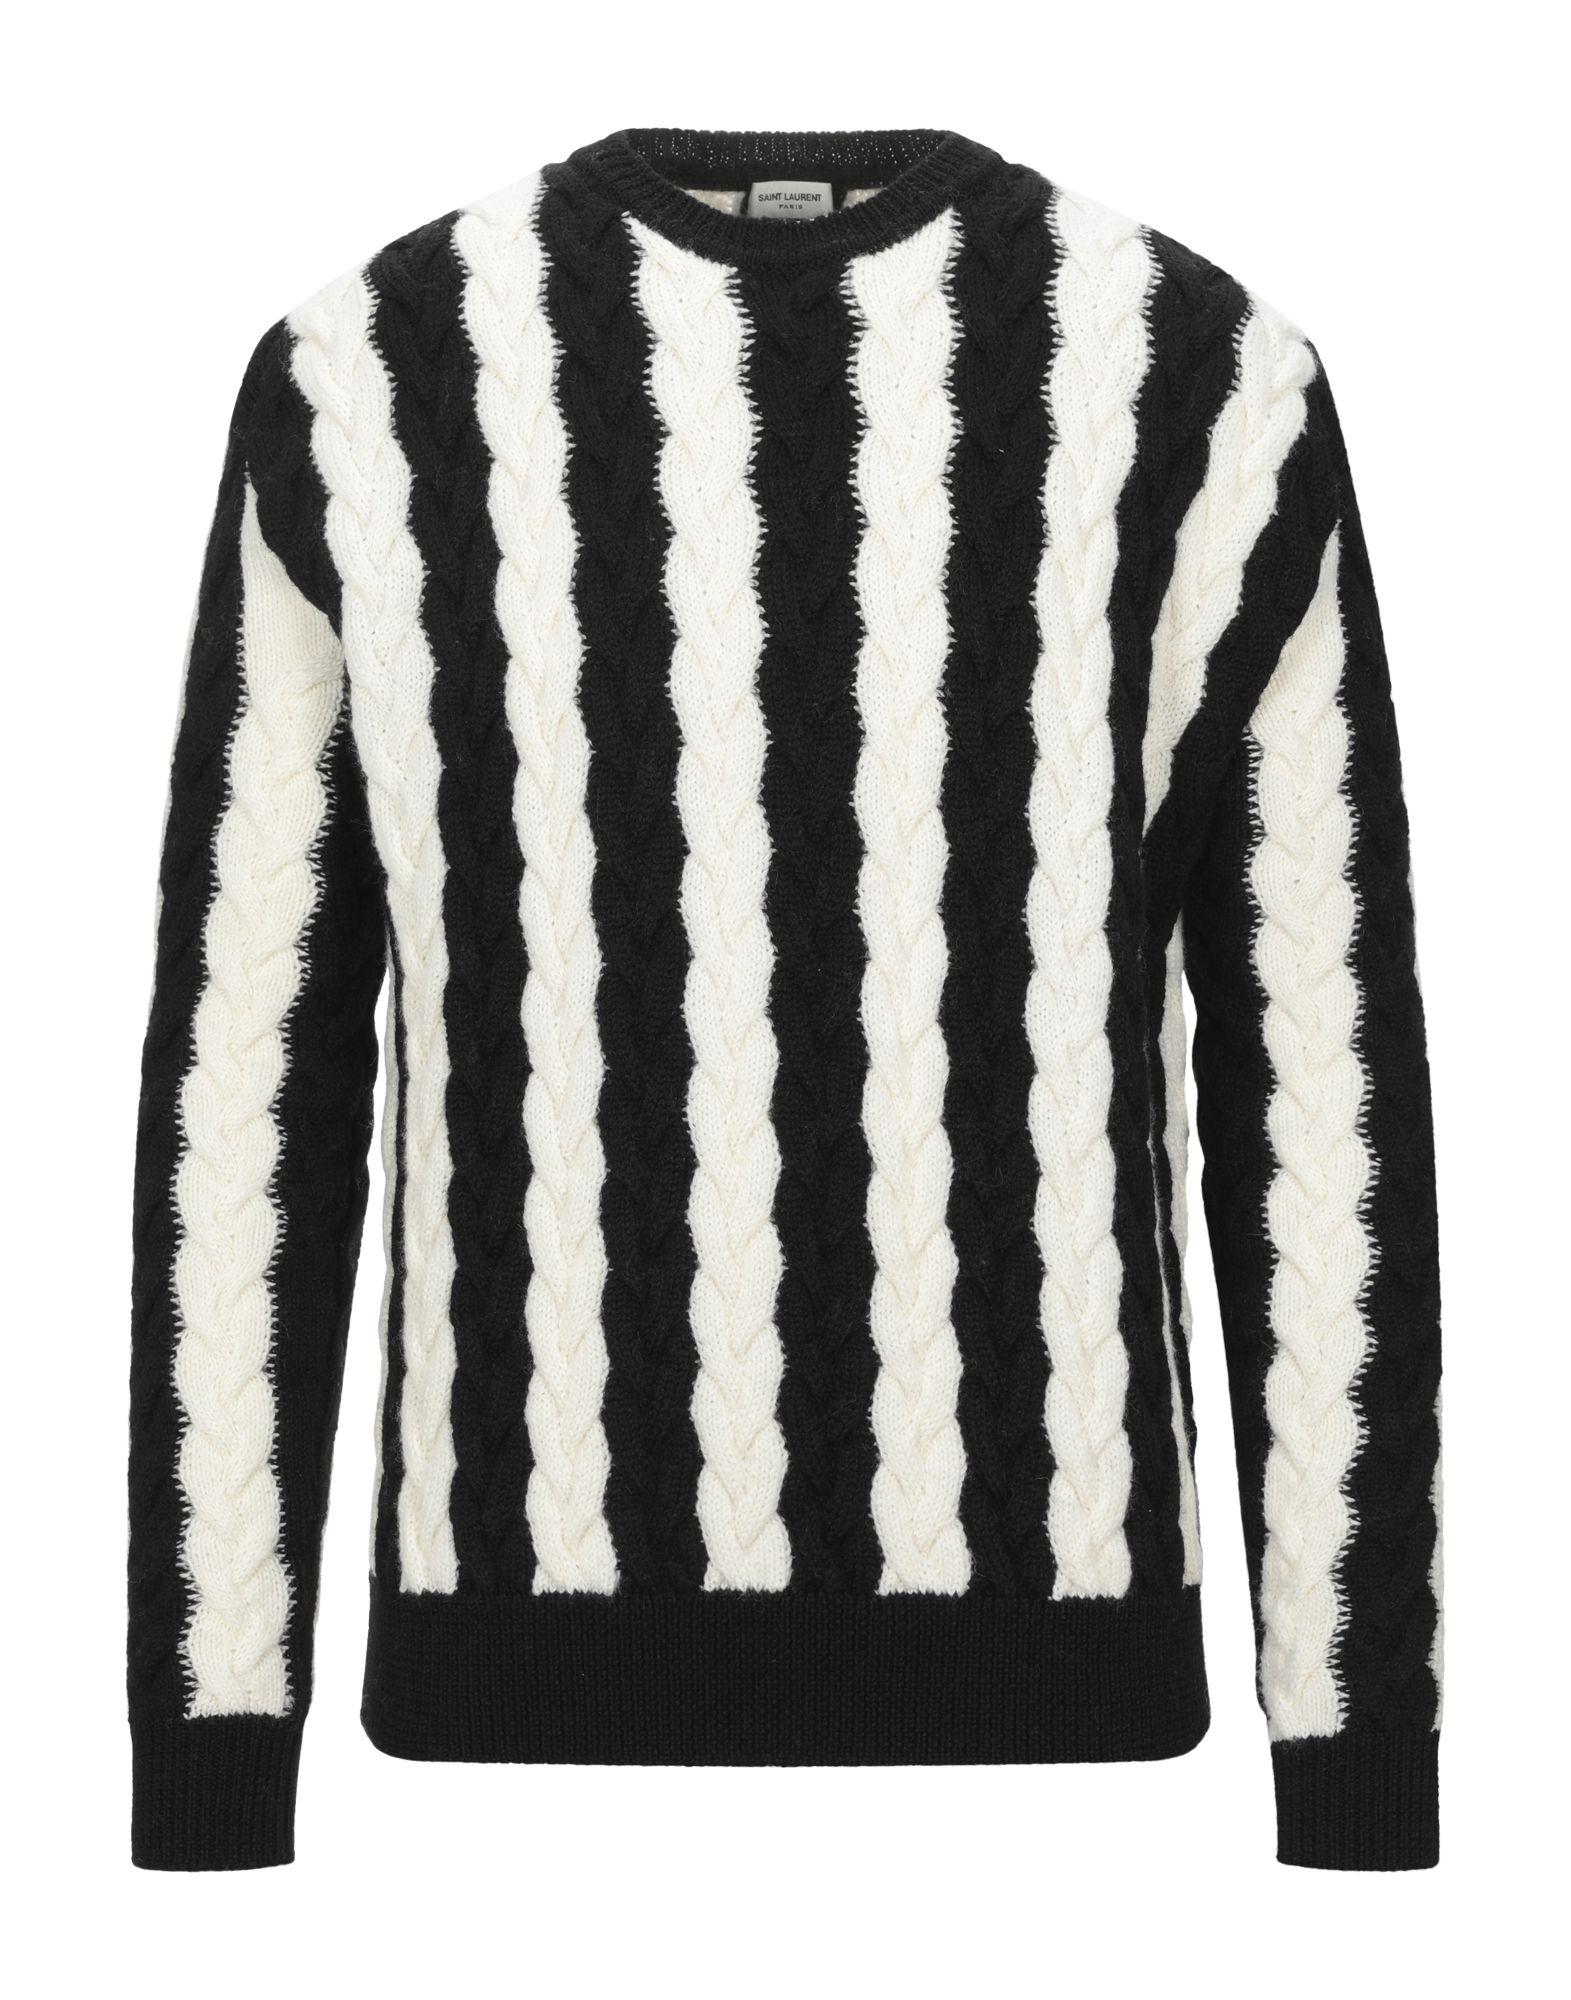 SAINT LAURENT Sweaters - Item 14046932